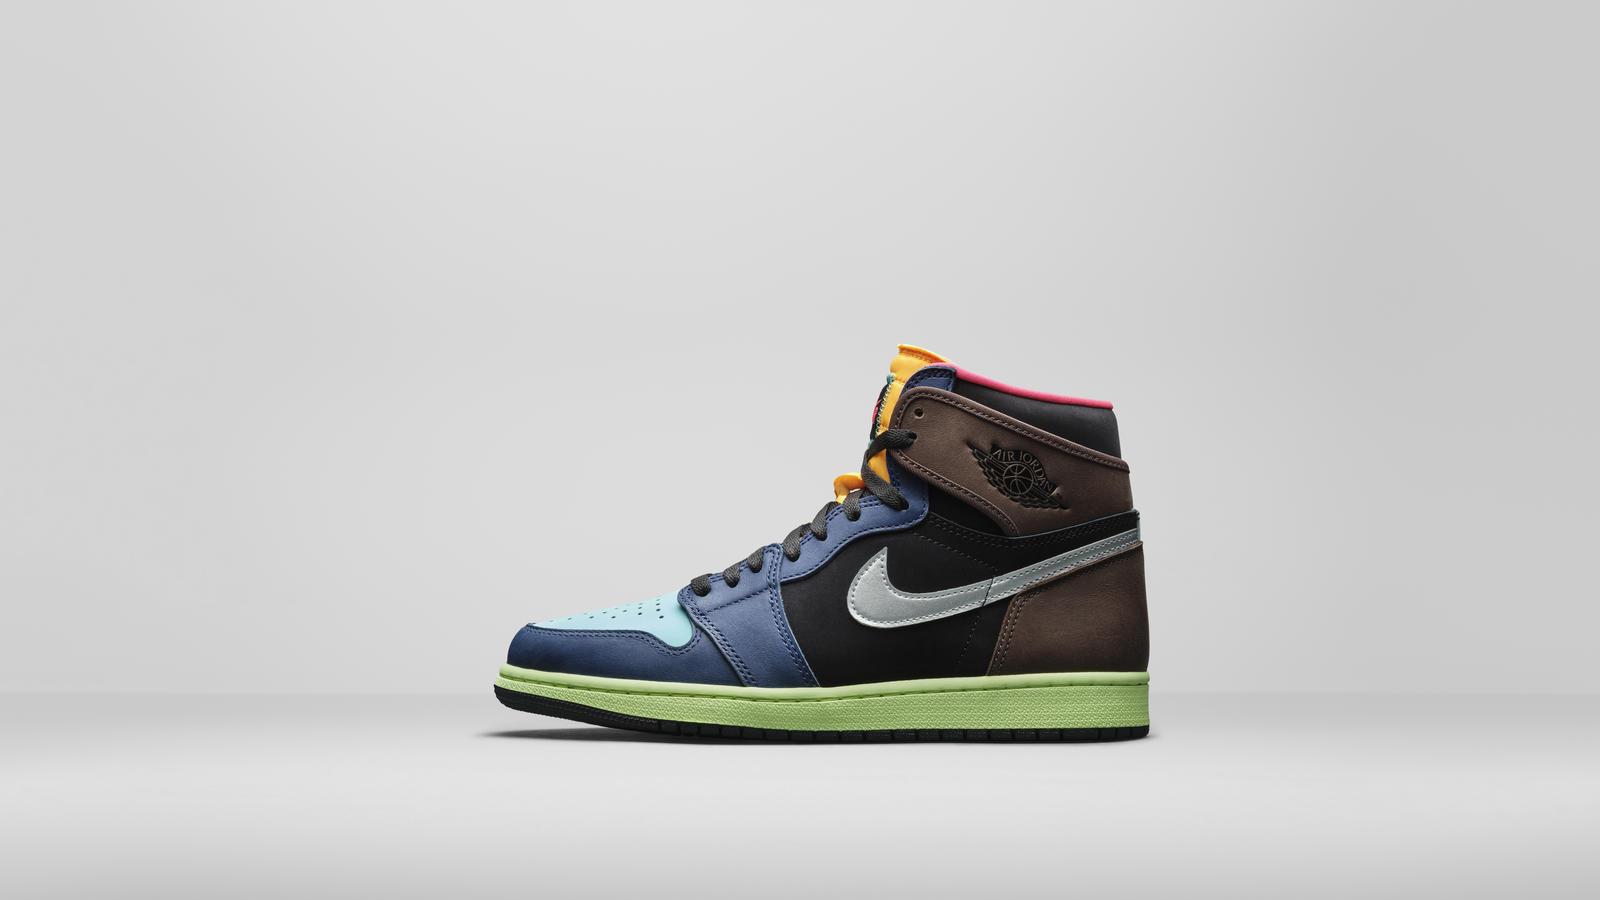 Jordan Brand Fall 2020 Releases 10